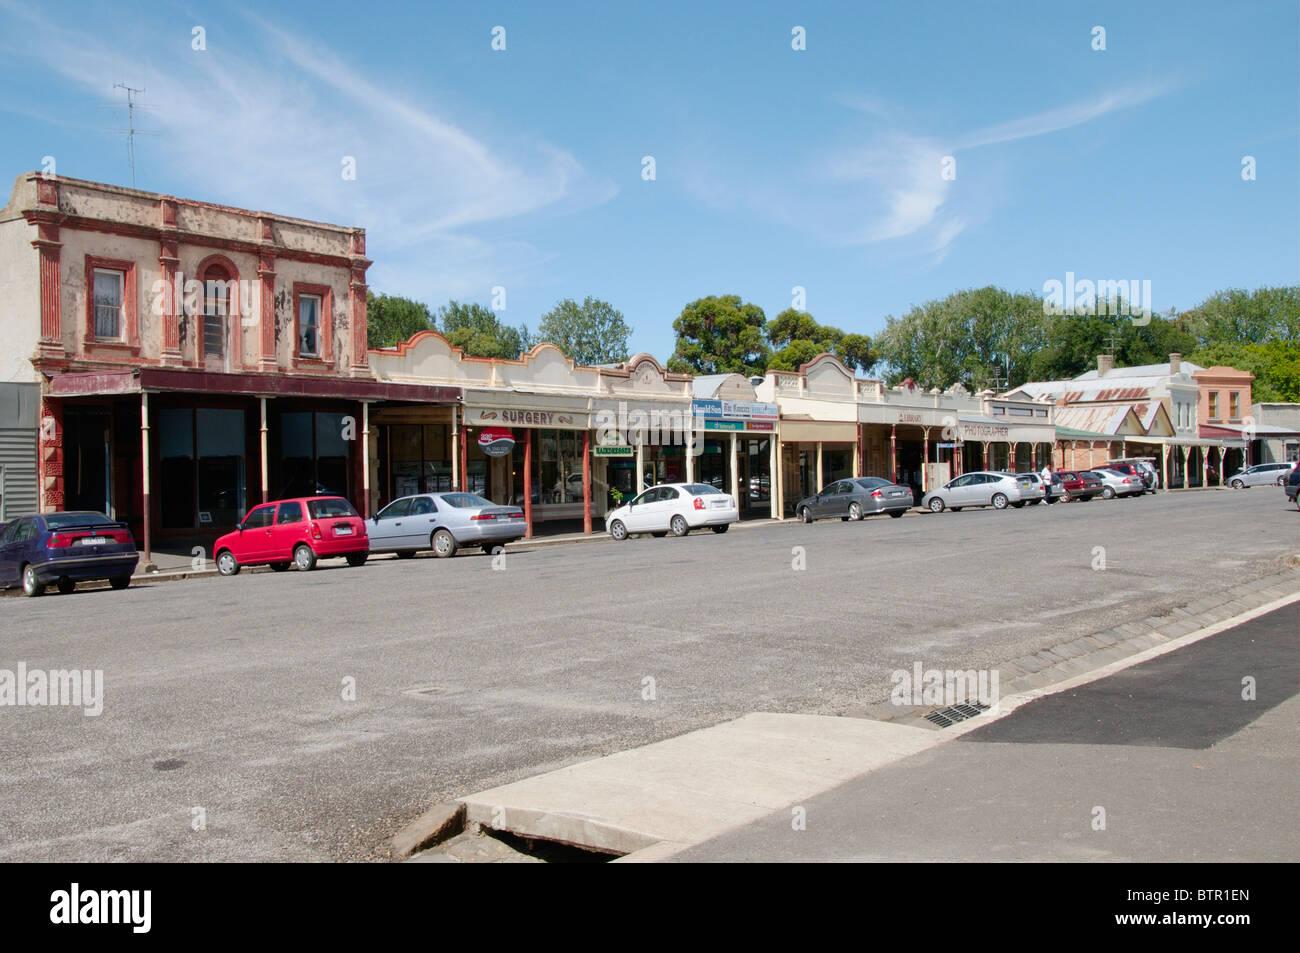 Australia, el centro de Victoria, Clunes, calle principal con automóviles estacionados cerca del edificio Imagen De Stock